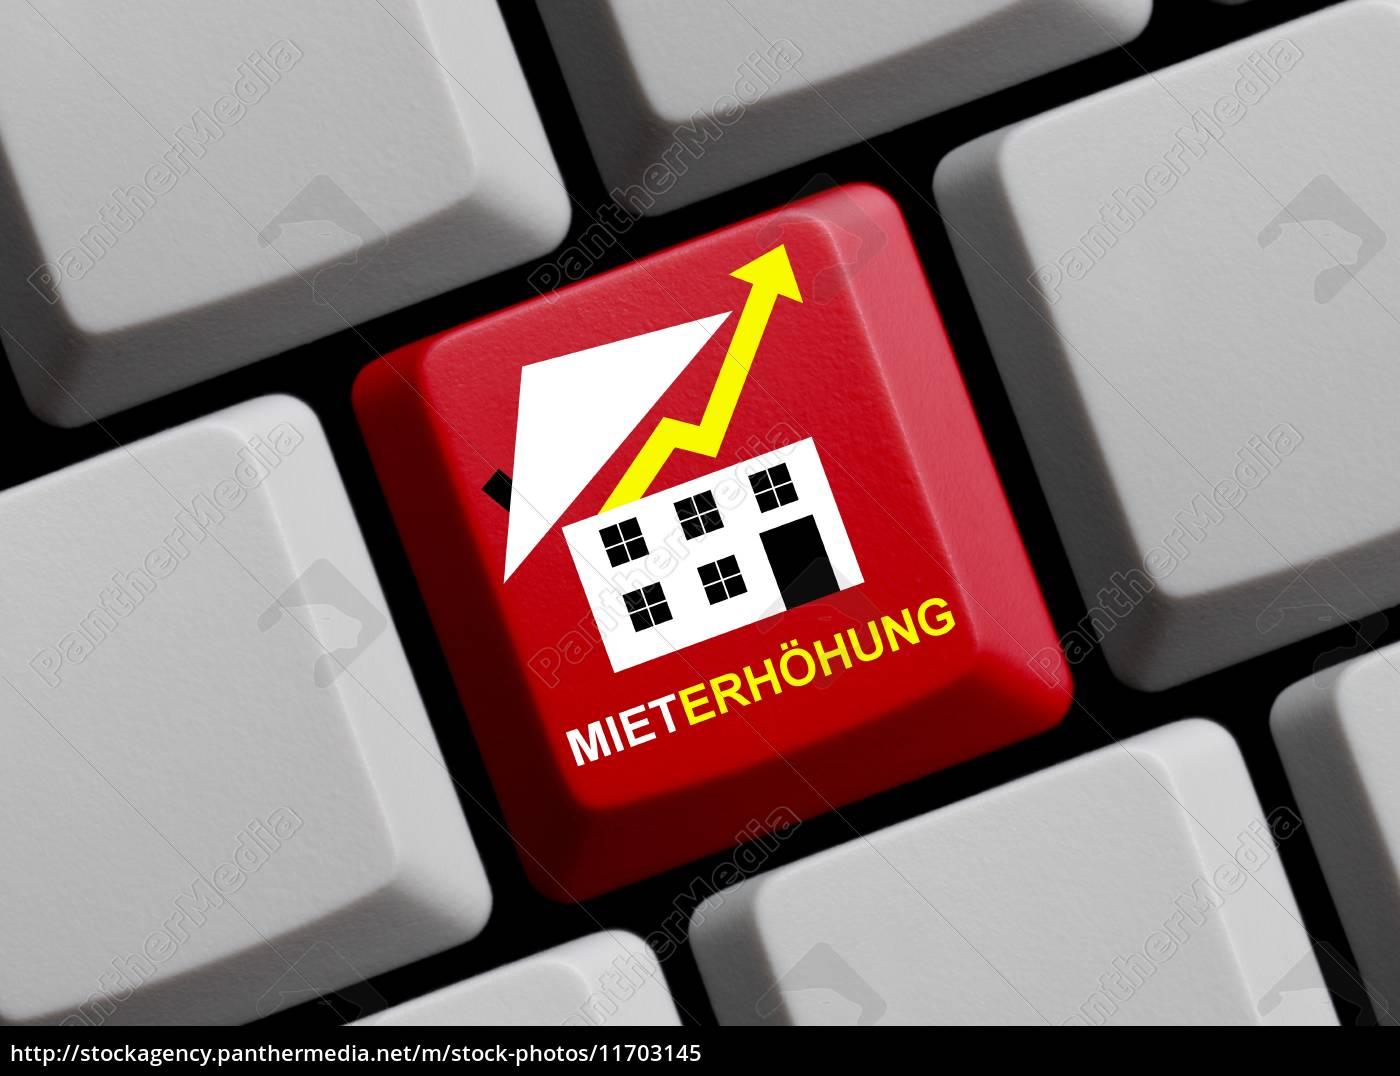 huslejestigning - 11703145